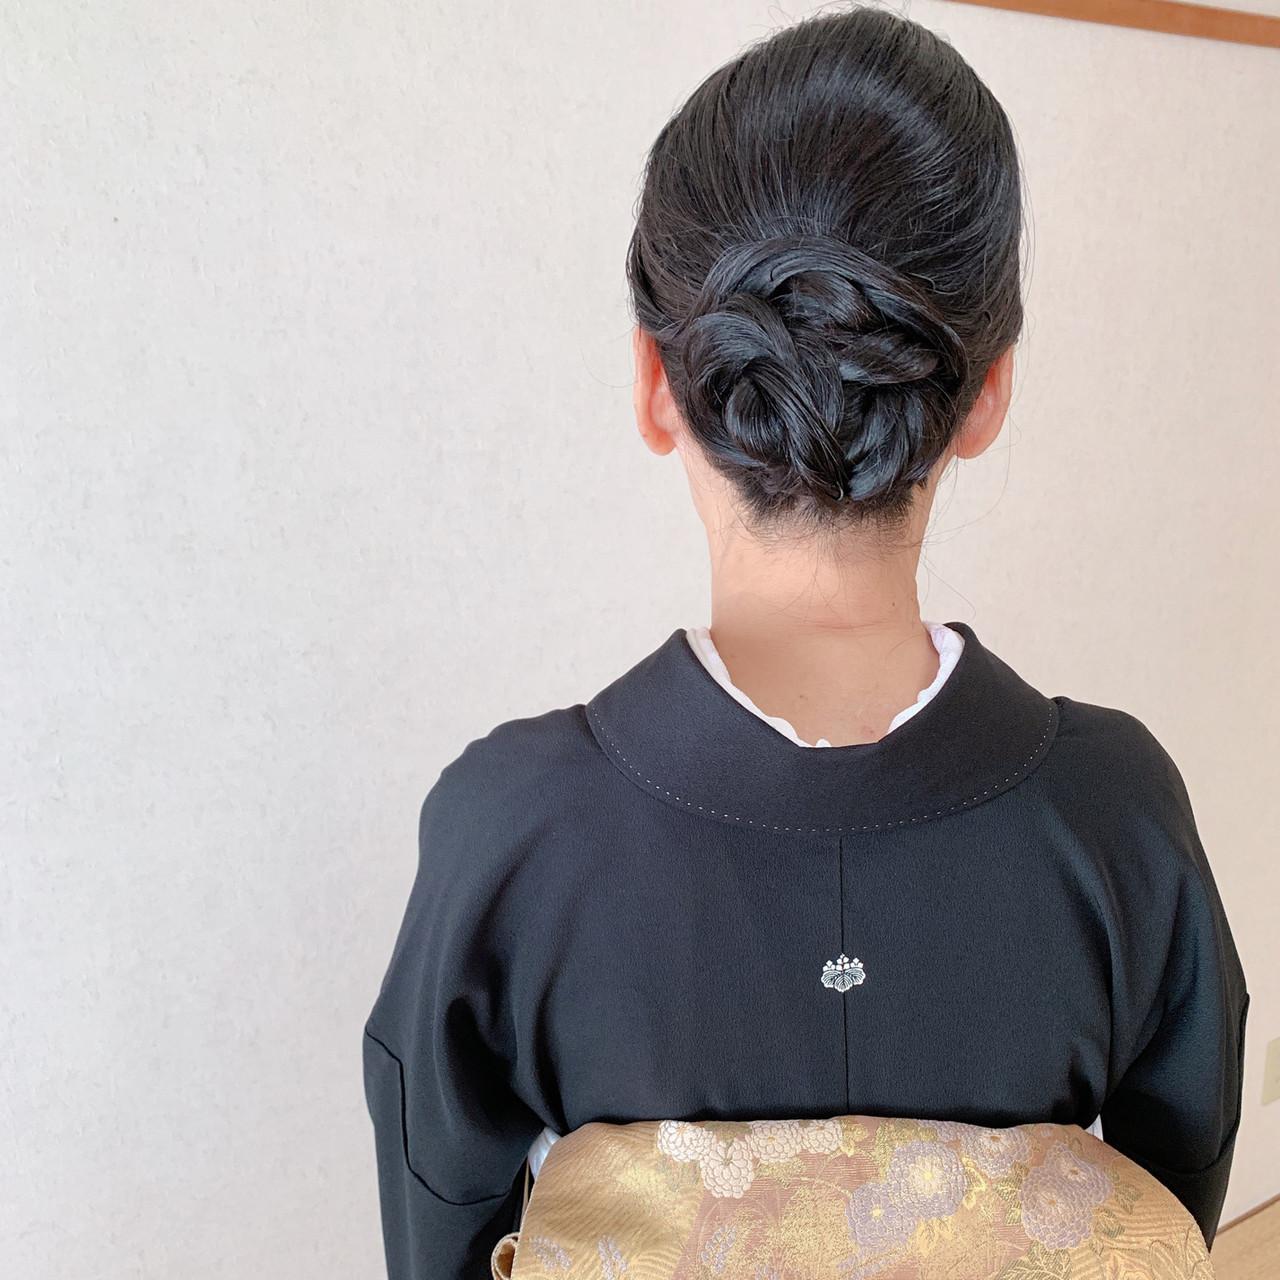 エレガント 着物 結婚式 結婚式ヘアアレンジ ヘアスタイルや髪型の写真・画像 | Moriyama Mami / 福岡天神ヘアセット・着付け専門店【Three-keys】